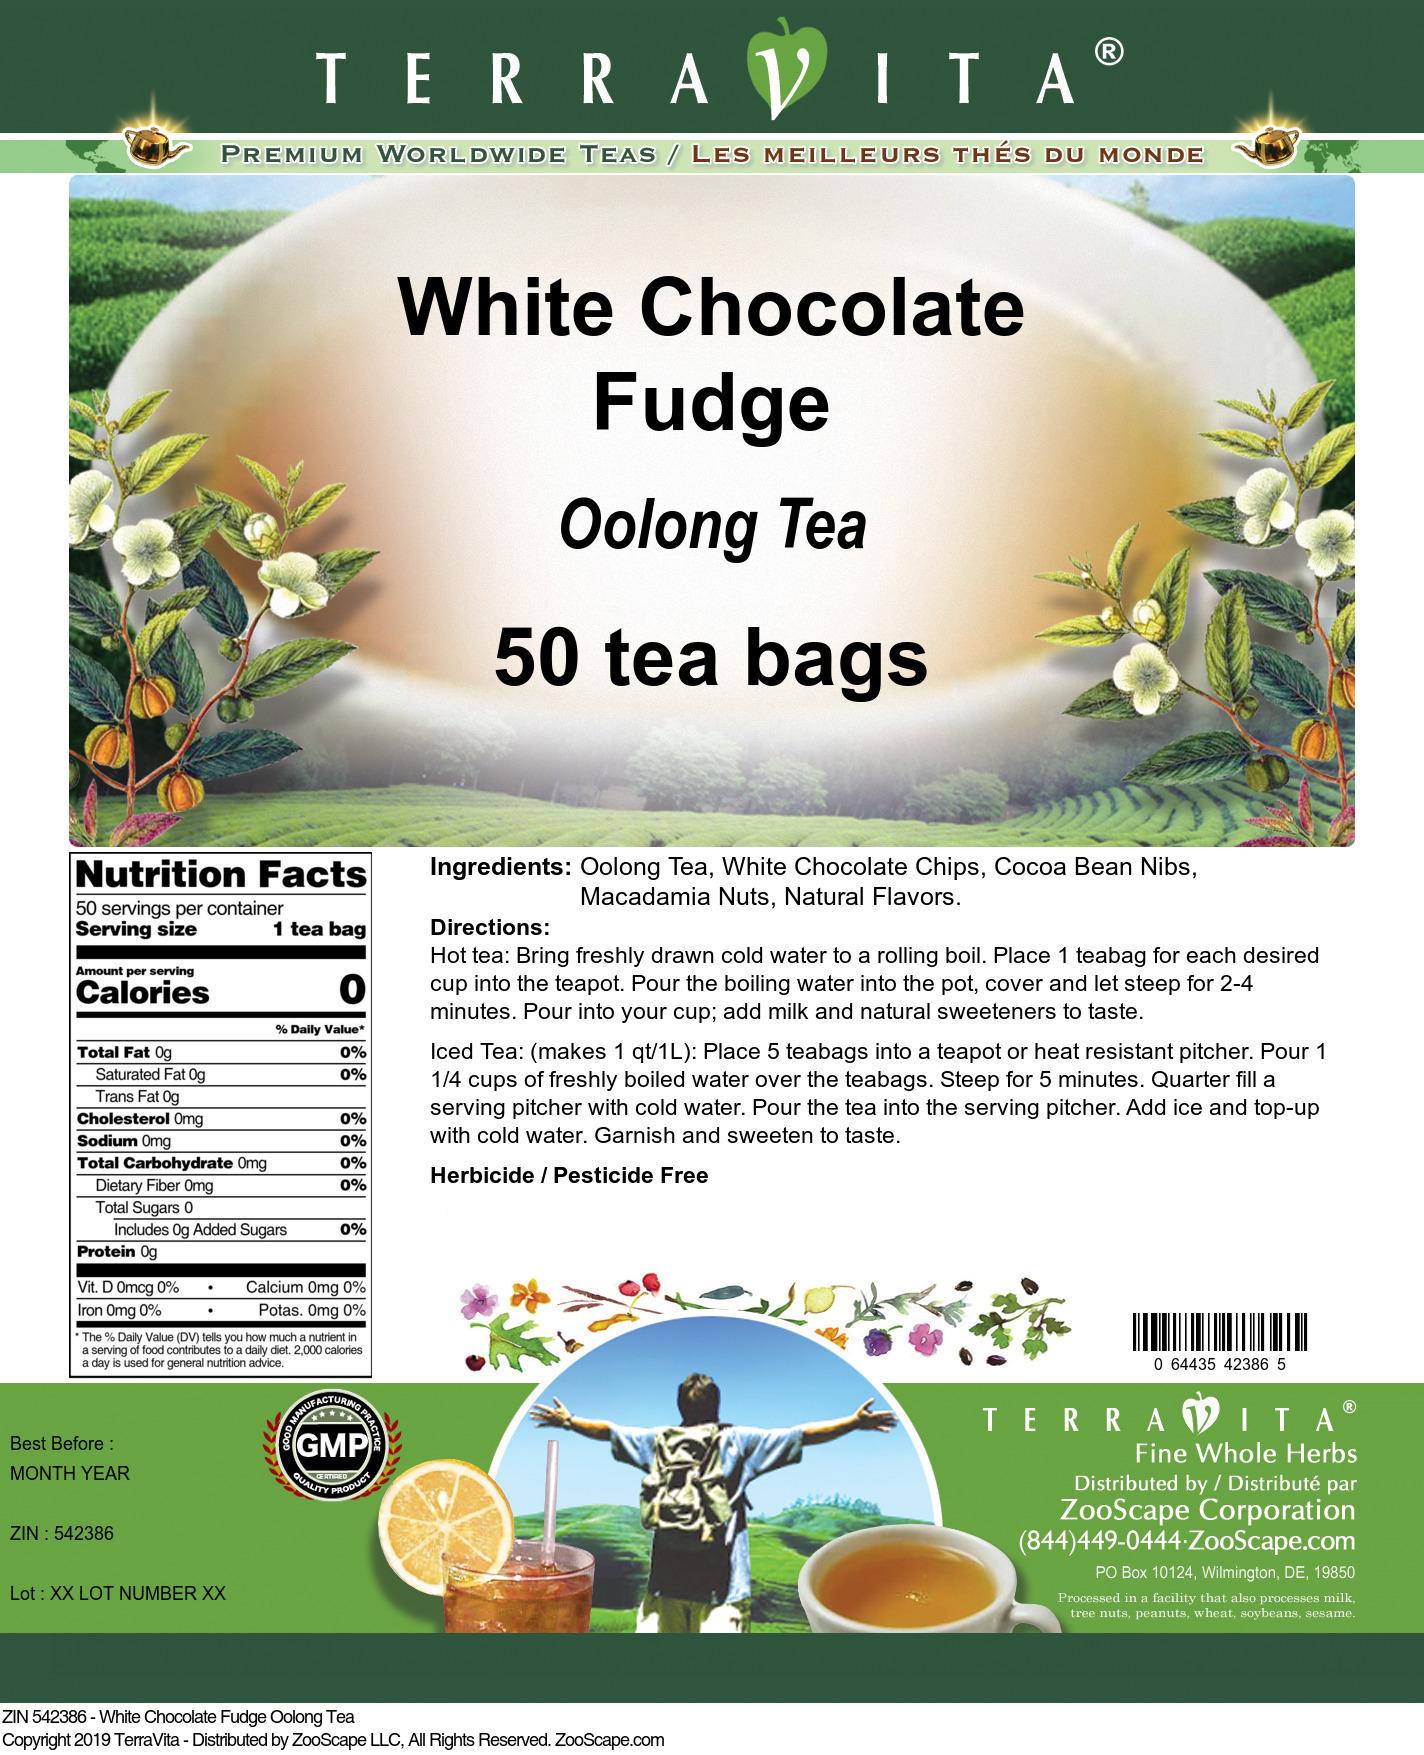 White Chocolate Fudge Oolong Tea